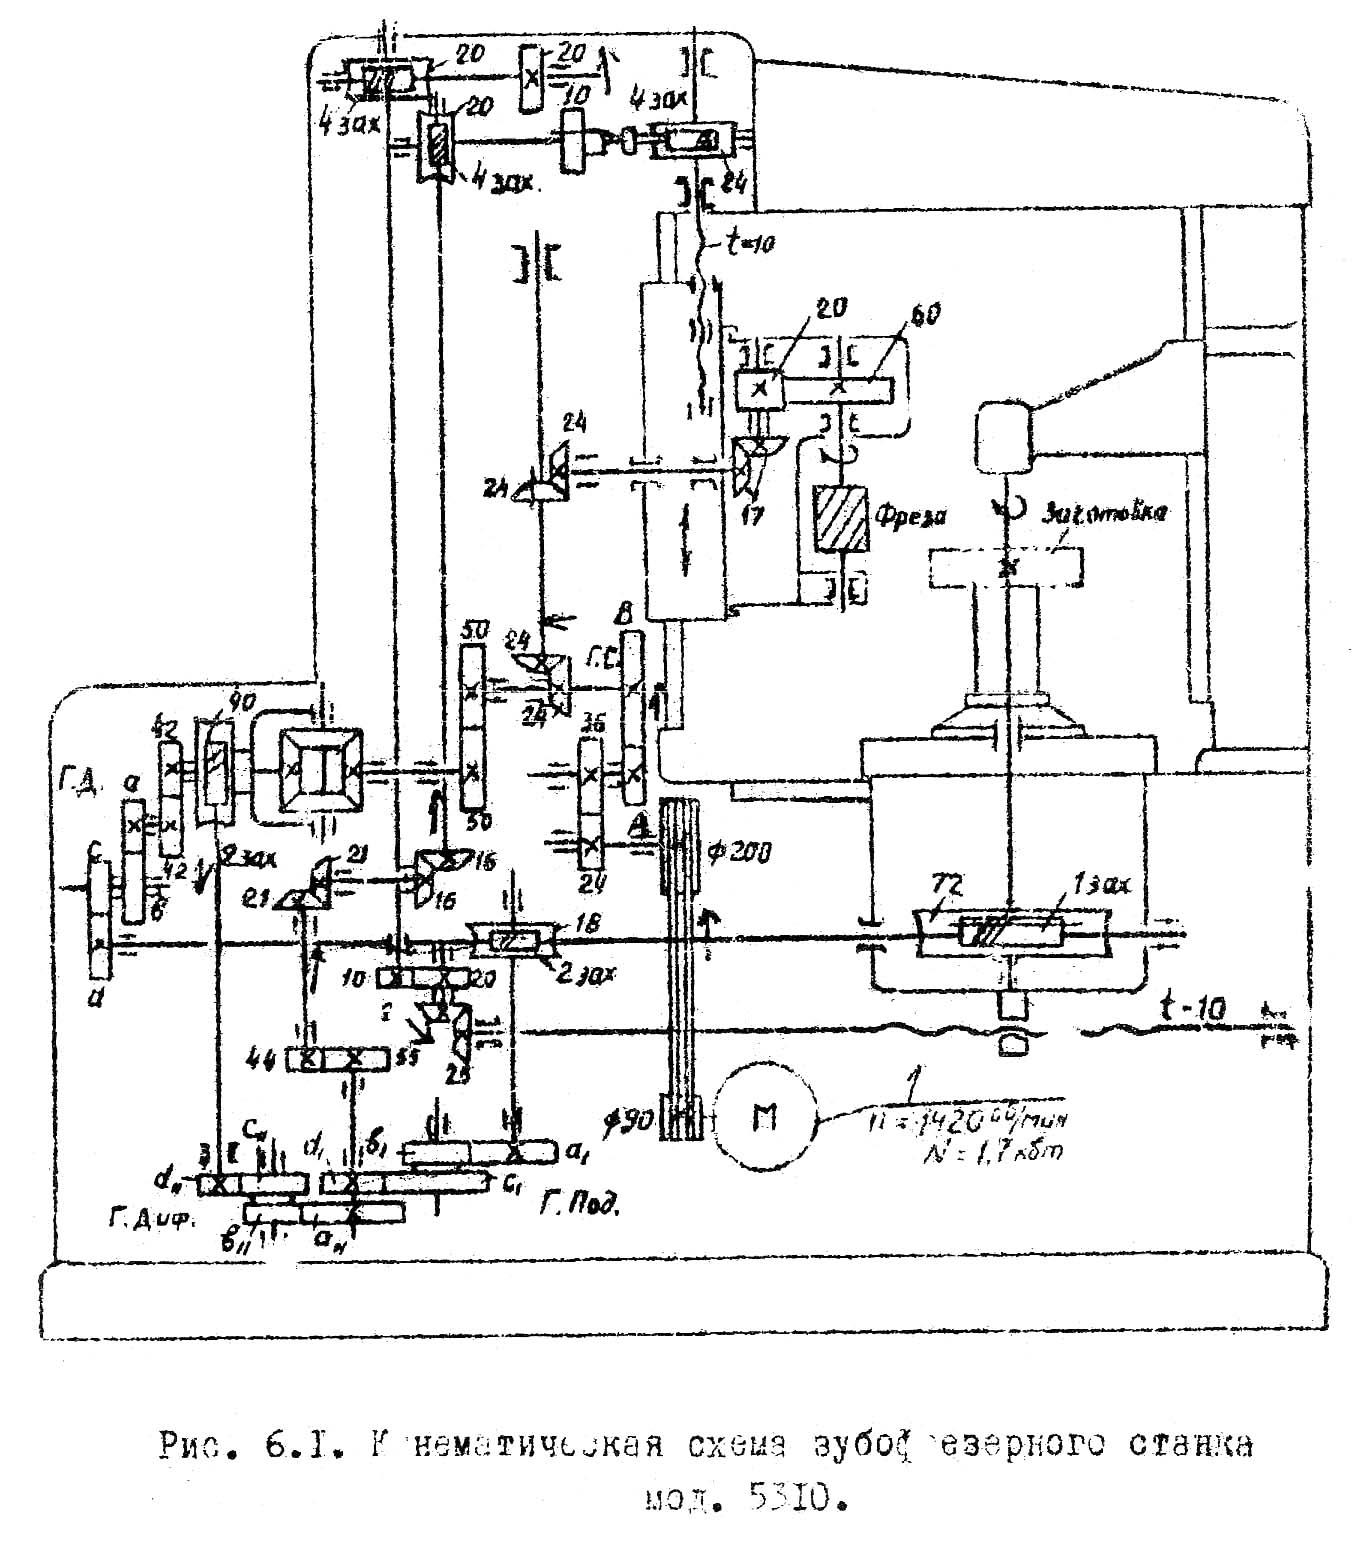 5к324 станок зубофрезерный вертикальный полуавтомат схемы, описание, характеристики